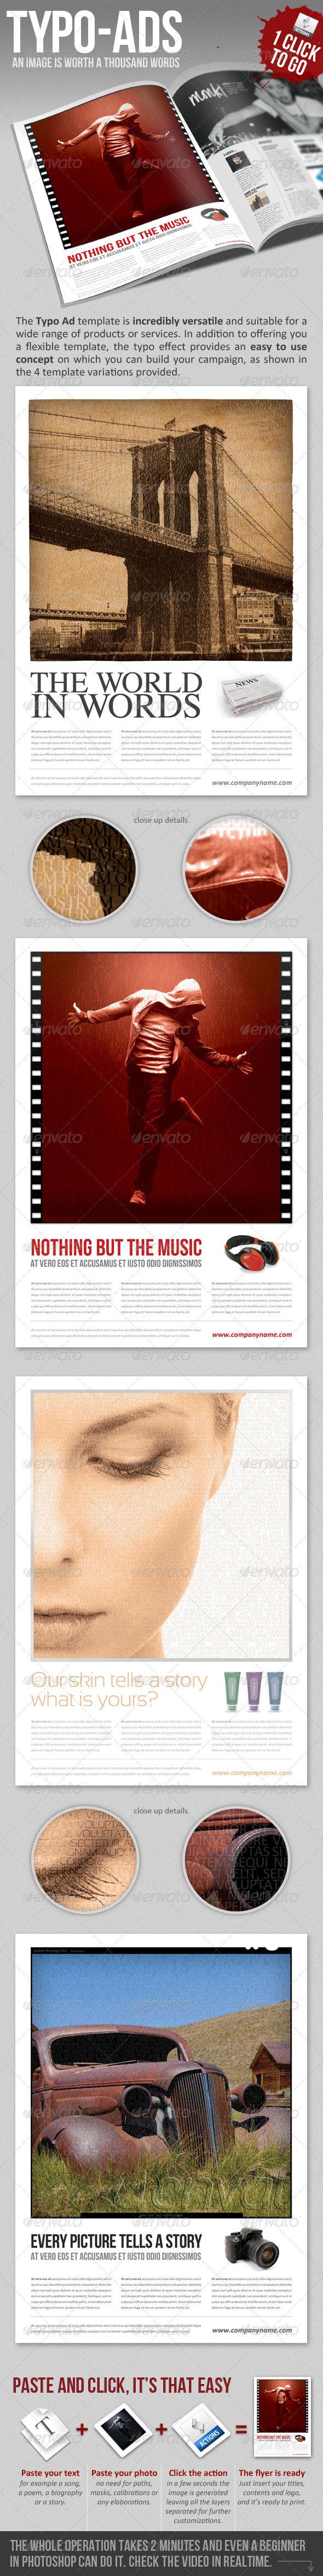 GraphicRiver Typo Ads 1574813